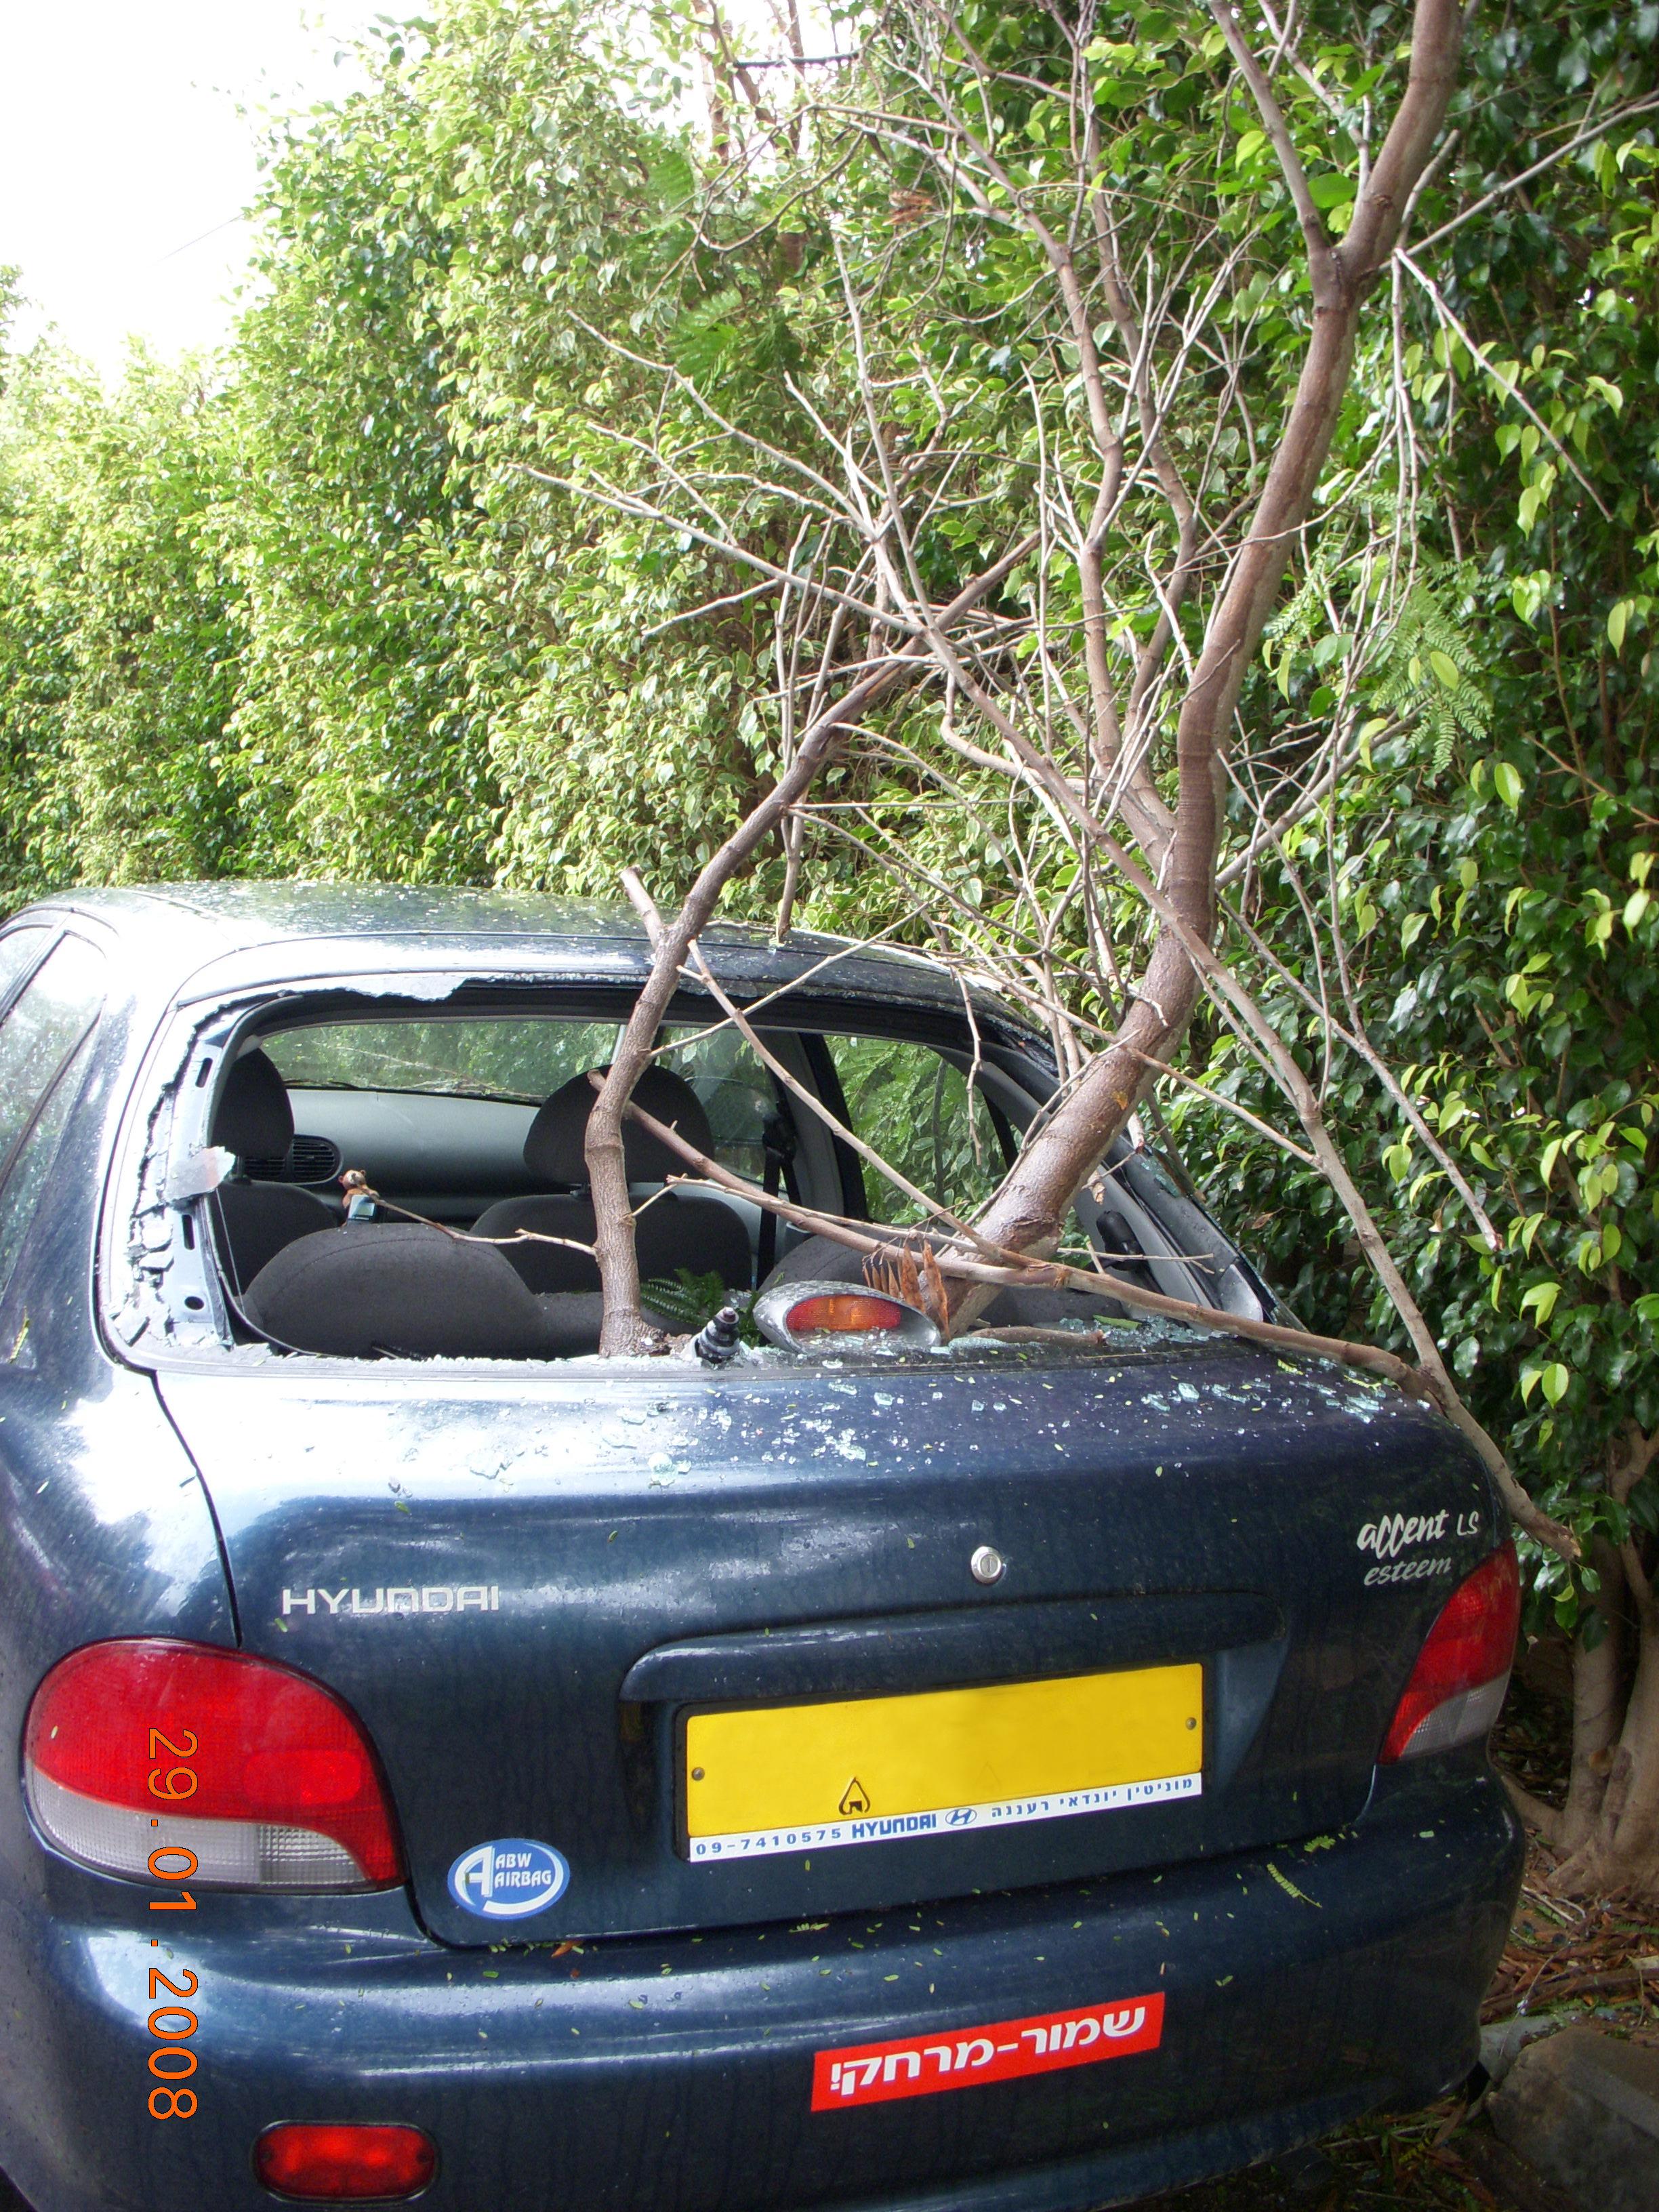 תאונת רכב קל - עץ שנשבר ופגע ברכב